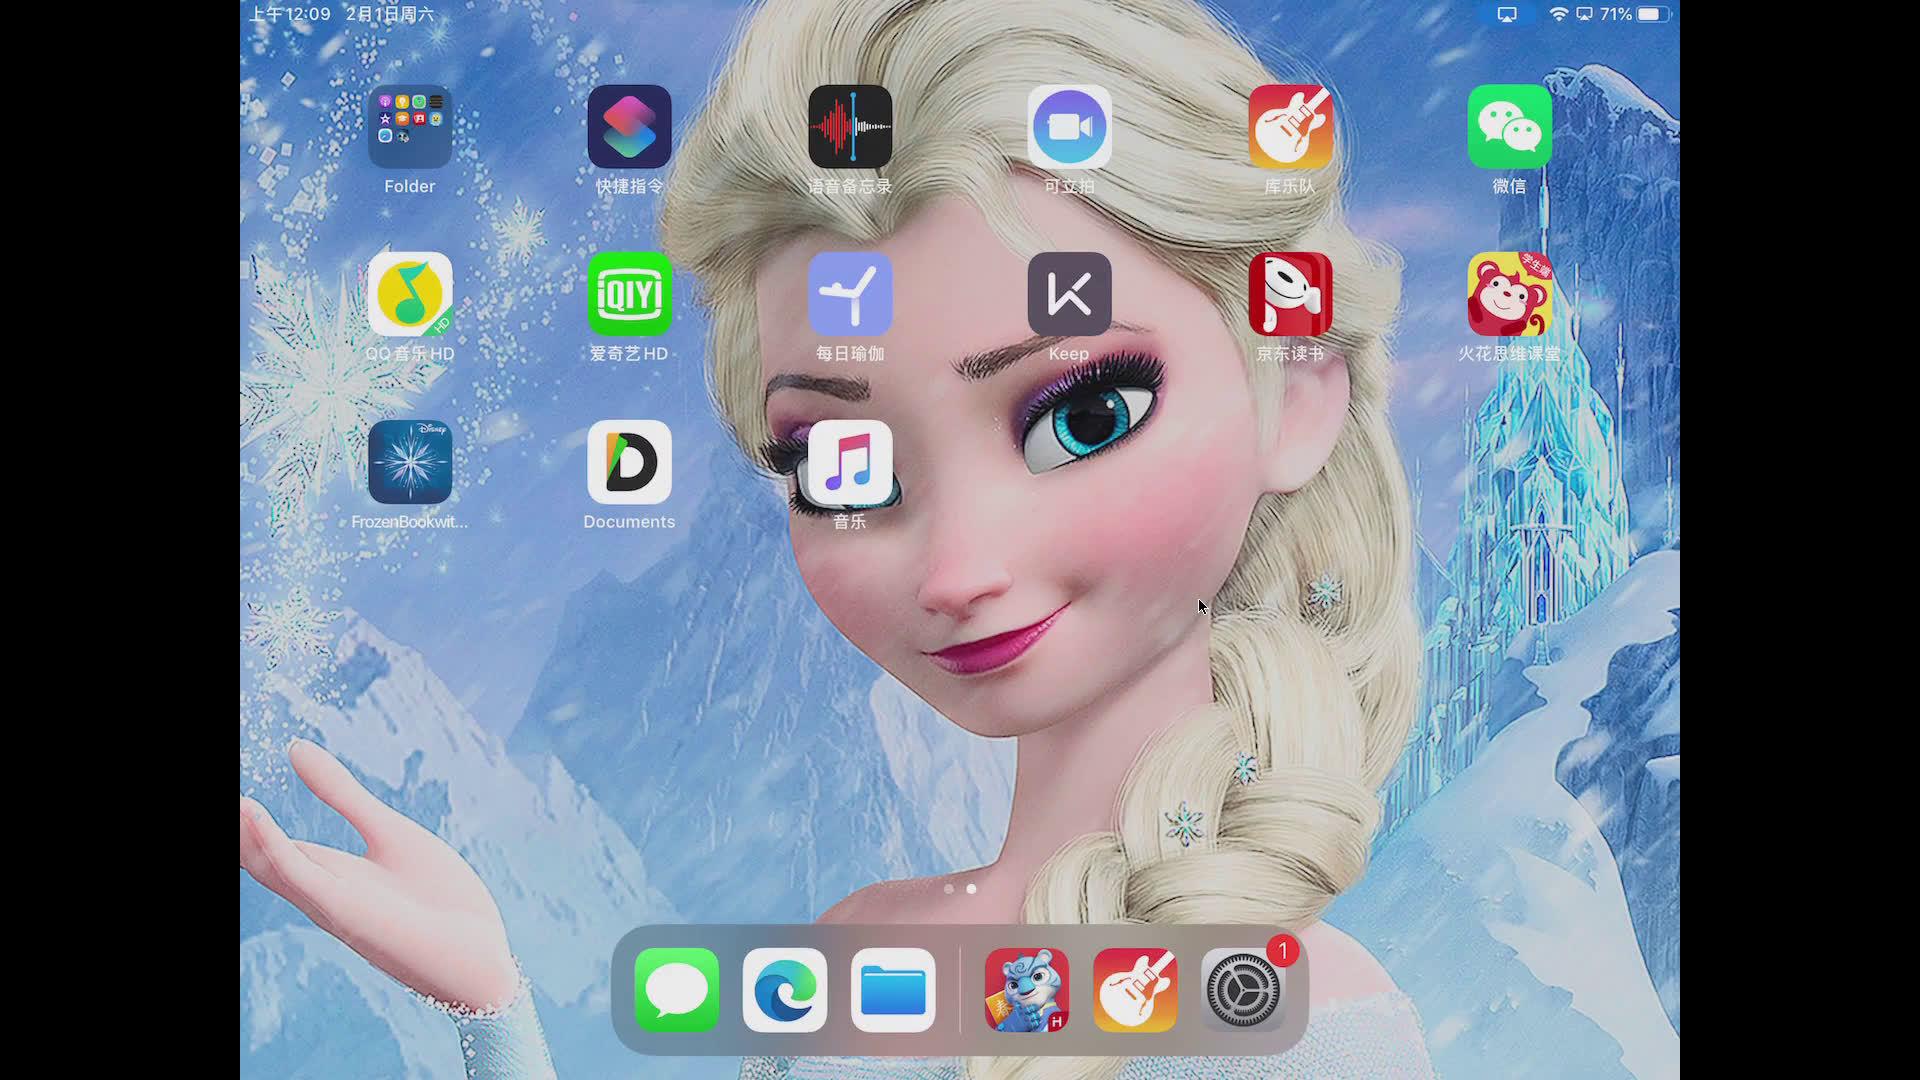 这是一个将 iPhone/iPad/Mac 屏幕投屏(AirPlay)到 Windows 上的软